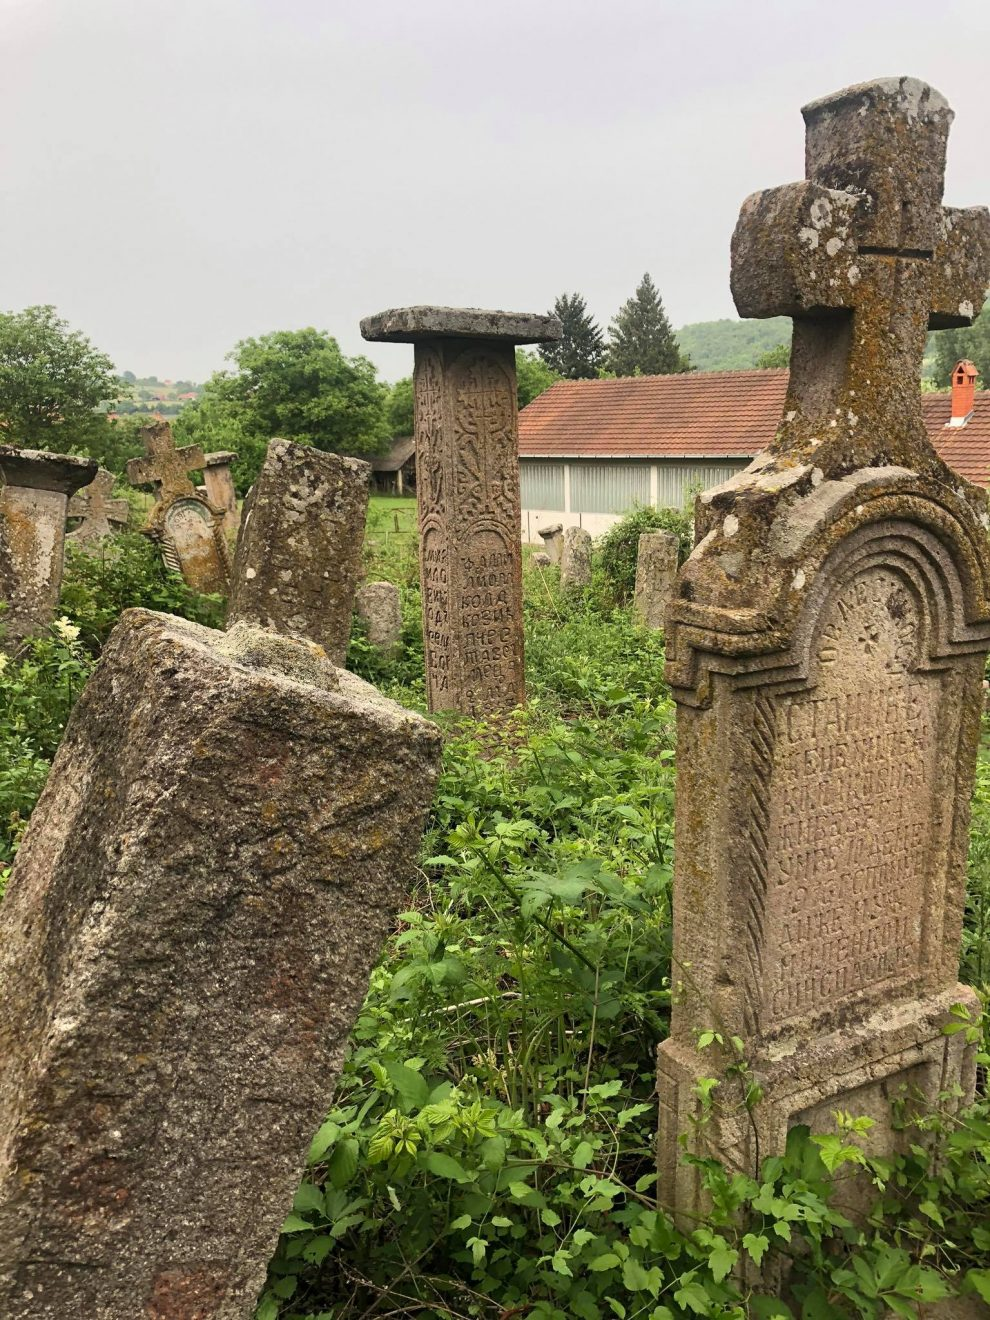 Ovo drevno groblje u selu Borač čini jedinstvenu celinu jer na njemu nema novijih spomenika od mermera koji se nalaze na novom groblju kojih stotinu metara dalje. Foto: Katarina Glomazić